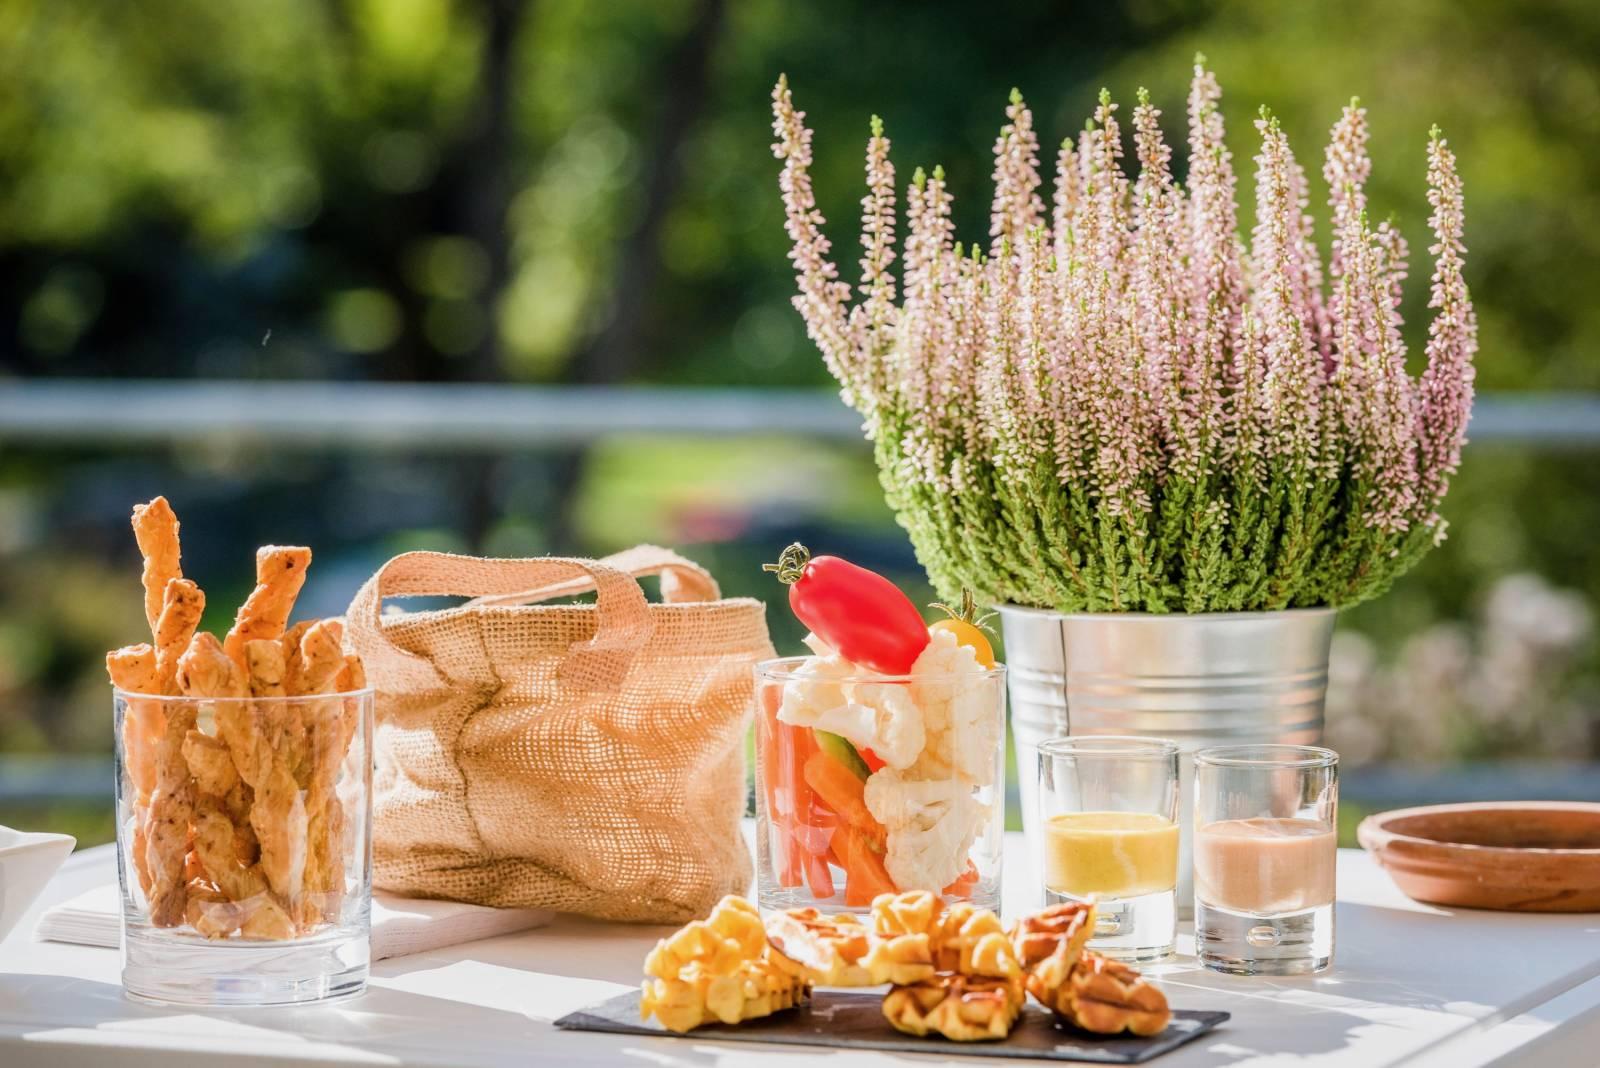 Biorganic - Catering - Cateraar - Traiteur - Biologisch - House of Weddings - 8